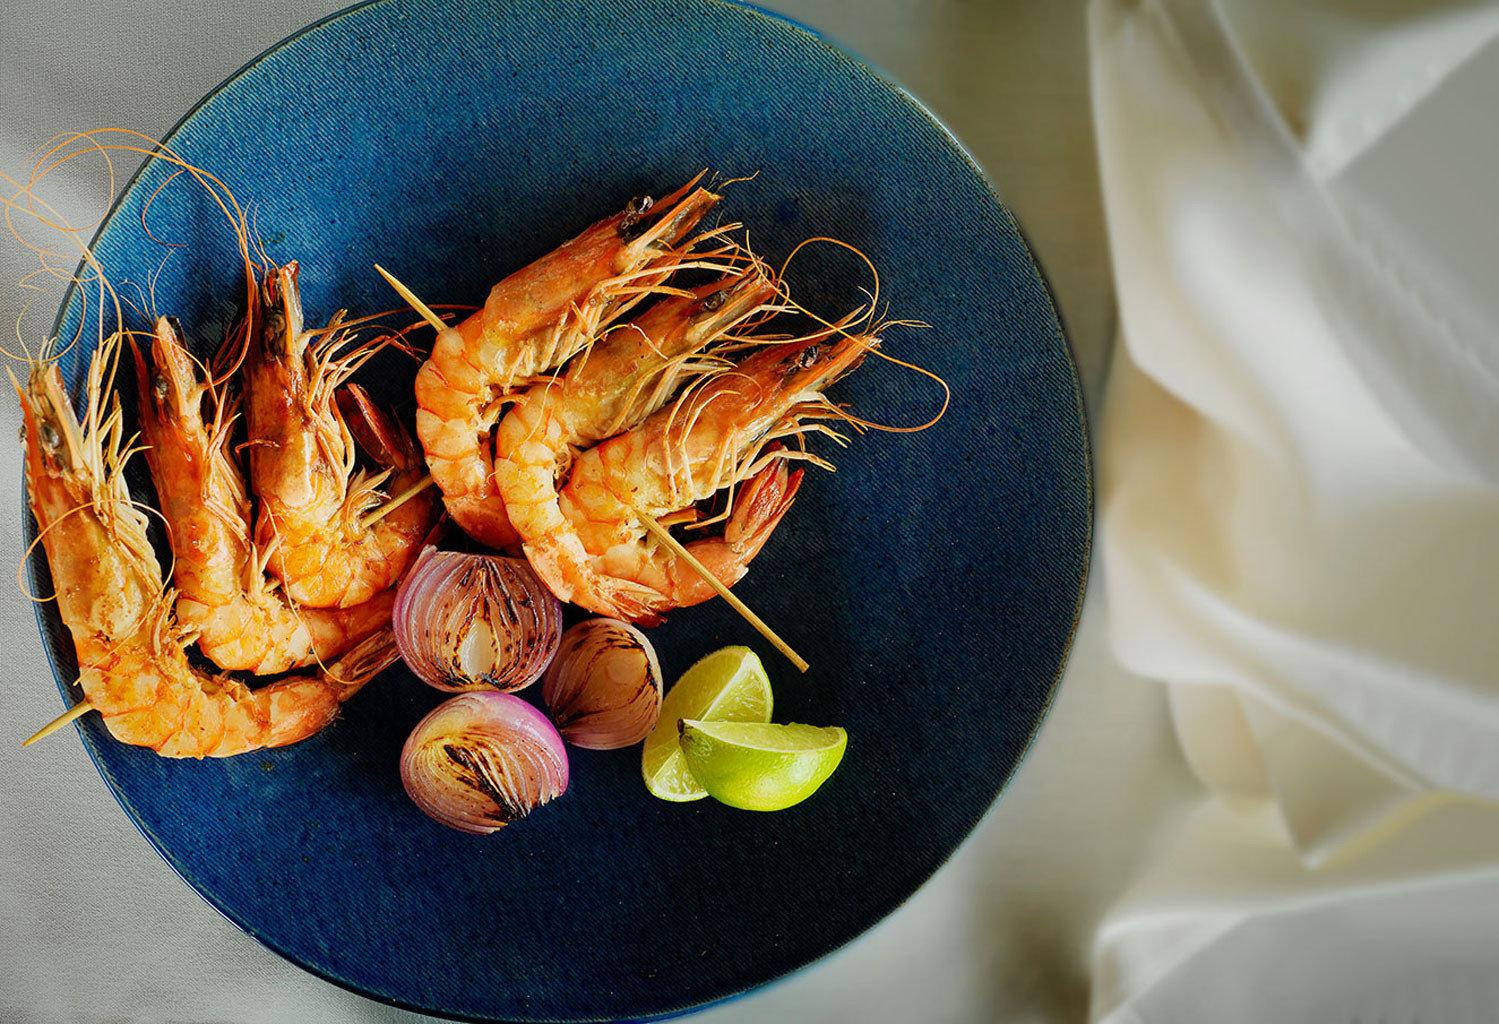 Hotels food arthropod produce blue Seafood vegetable